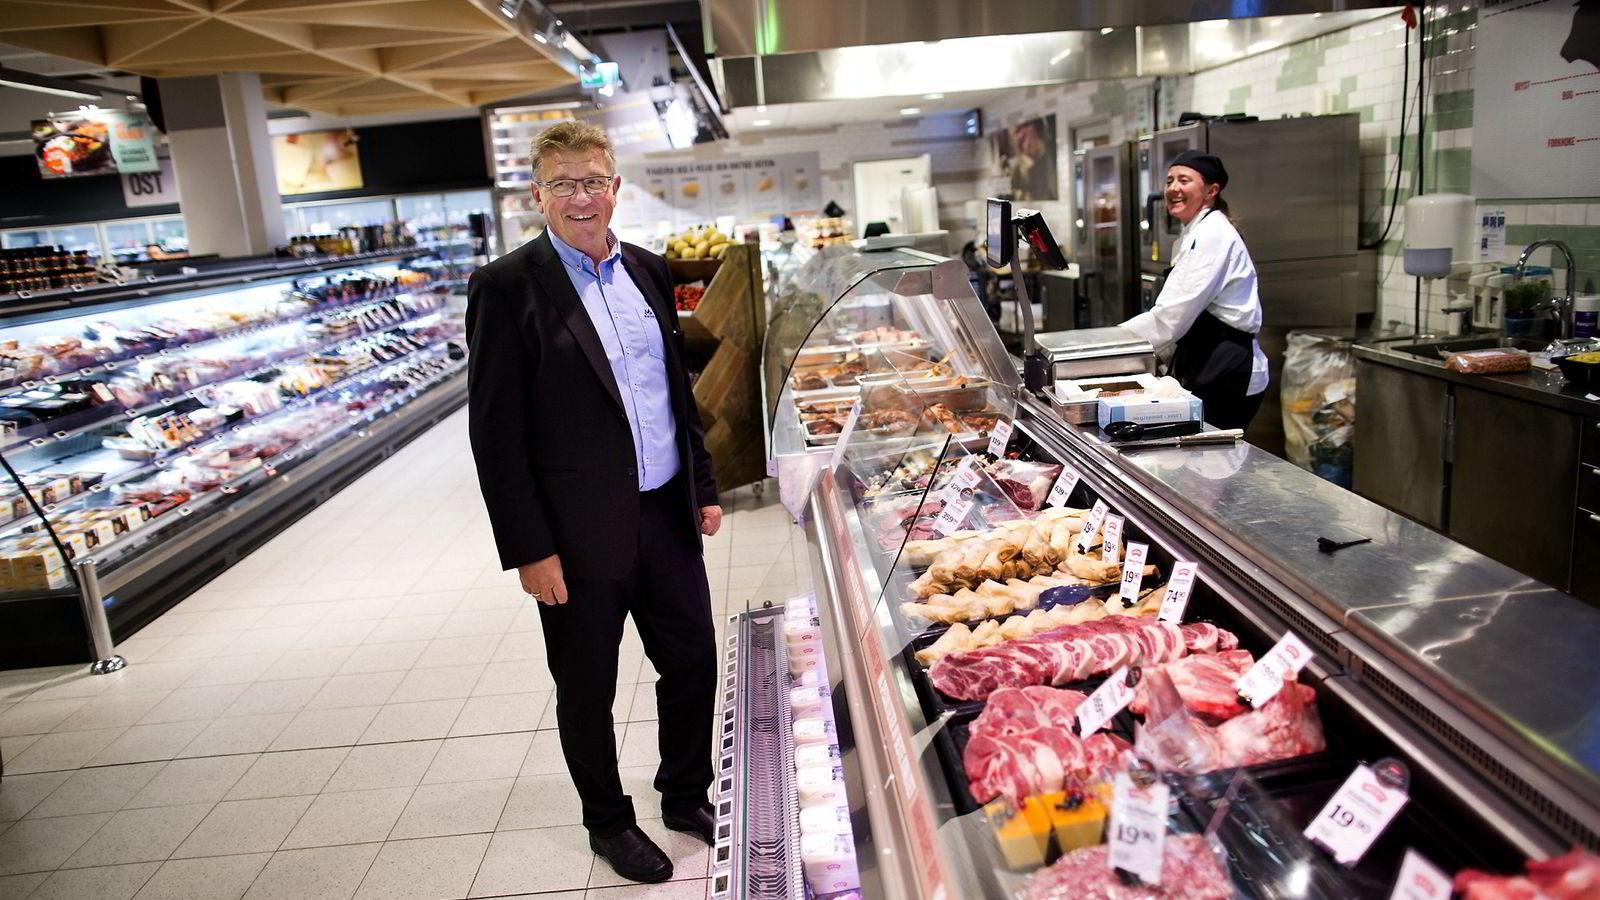 Norgesgruppens konsernsjef Tommy Korneliussen erstatter en svensk leverandør med Norgesgruppens eget leverandørselskap. Foto: